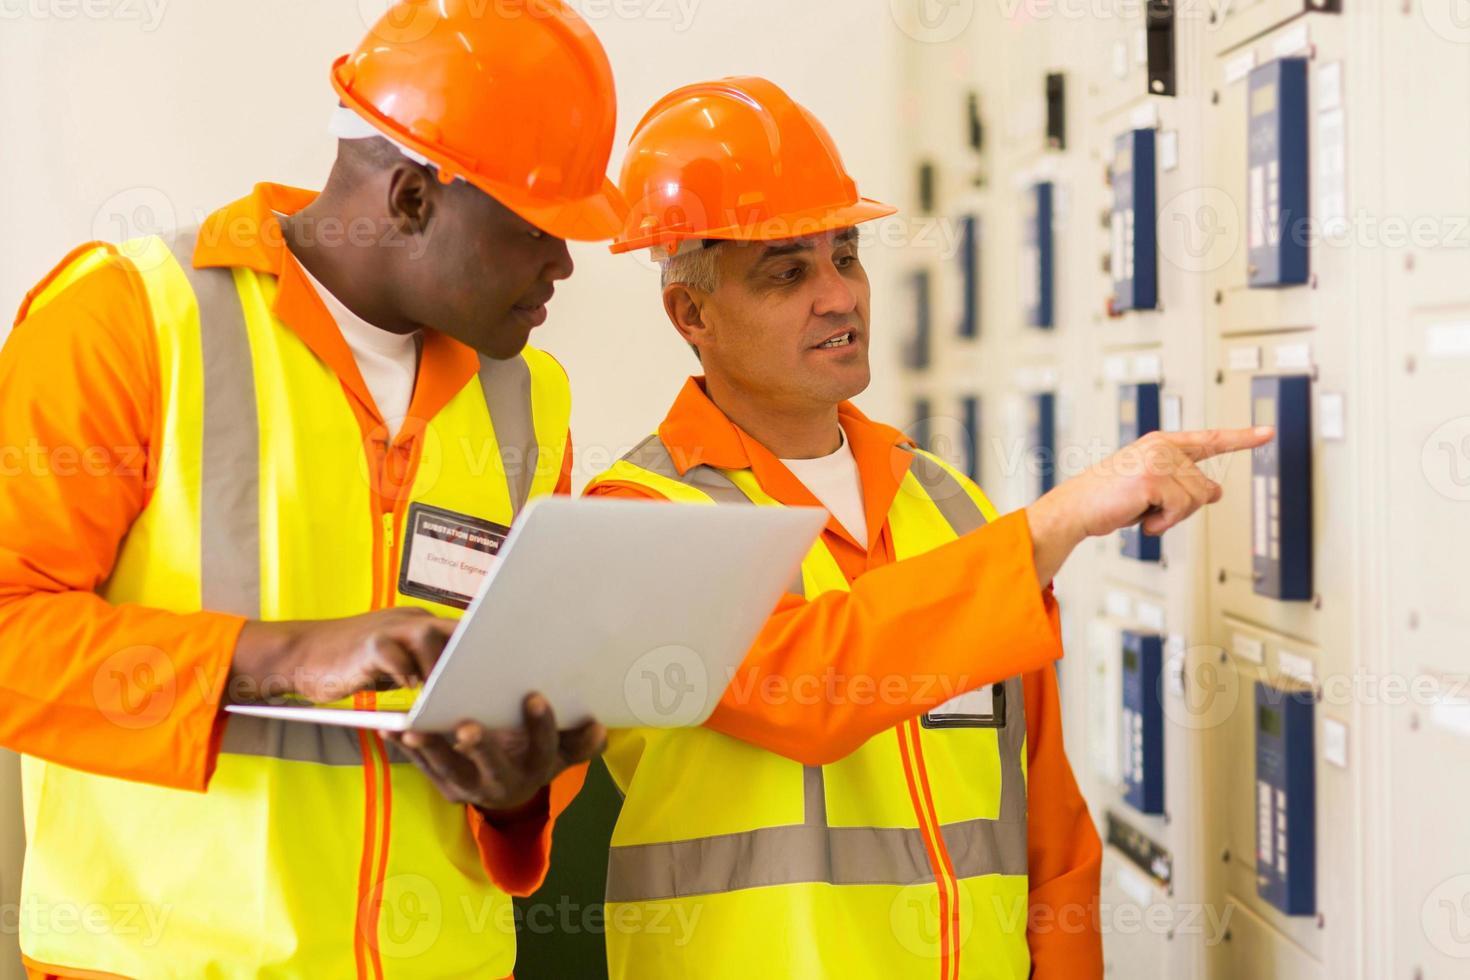 twee elektriciens die industriële controledoos controleren foto